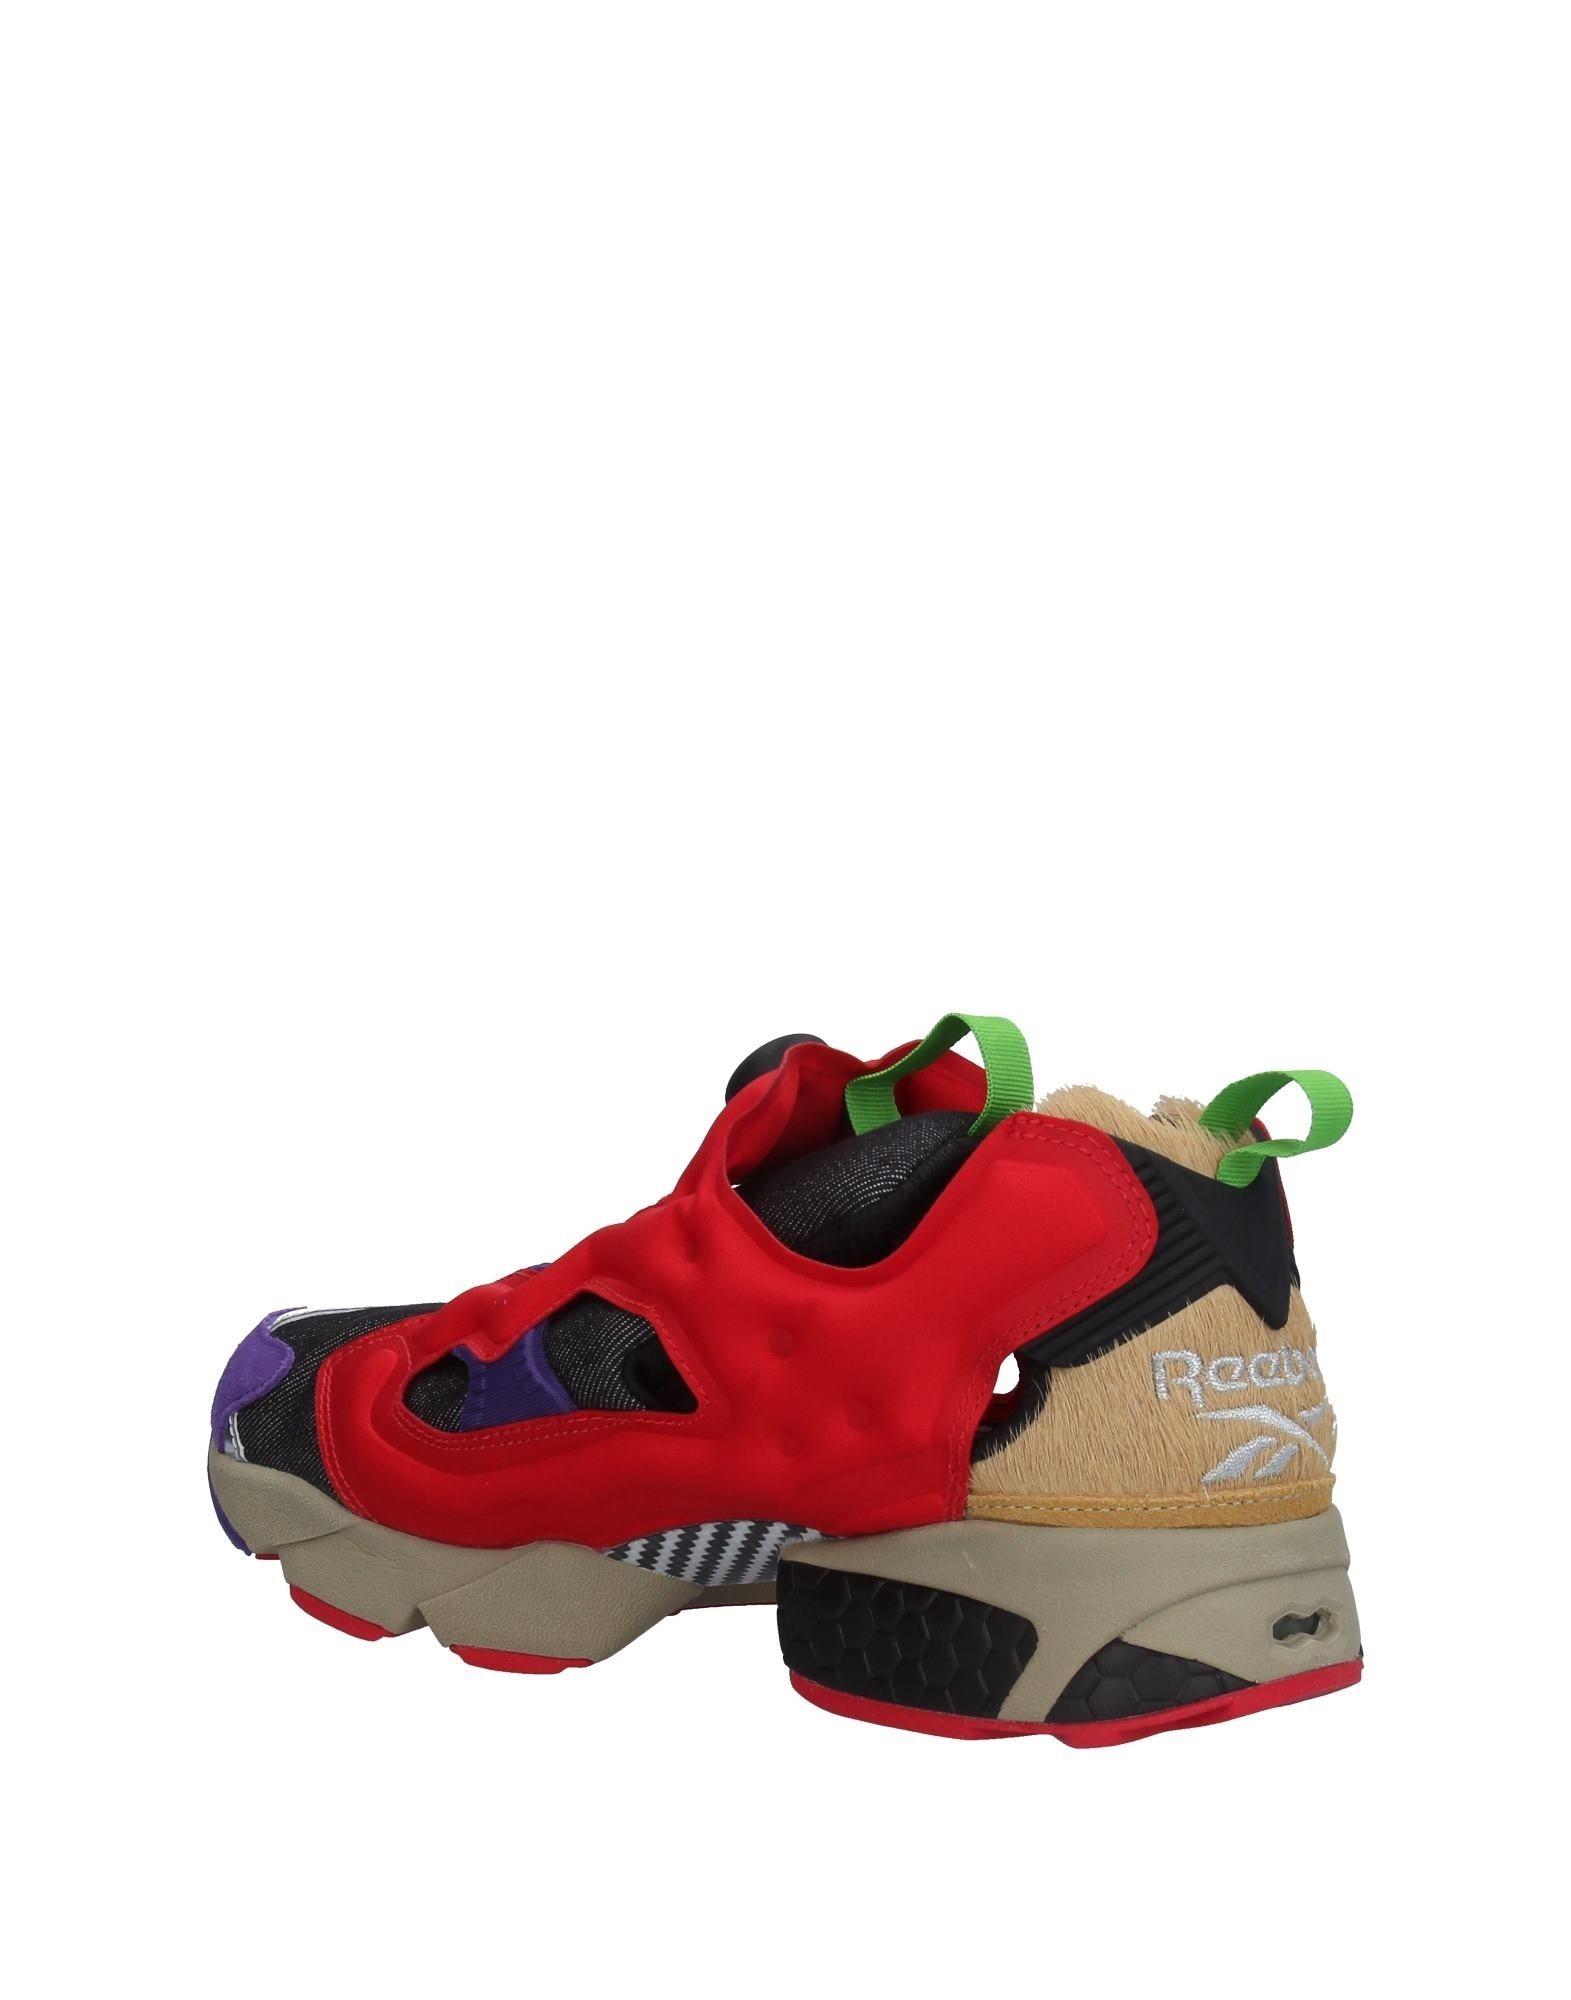 Herren Reebok Sneakers Herren   11262628EF Heiße Schuhe b9a2d8